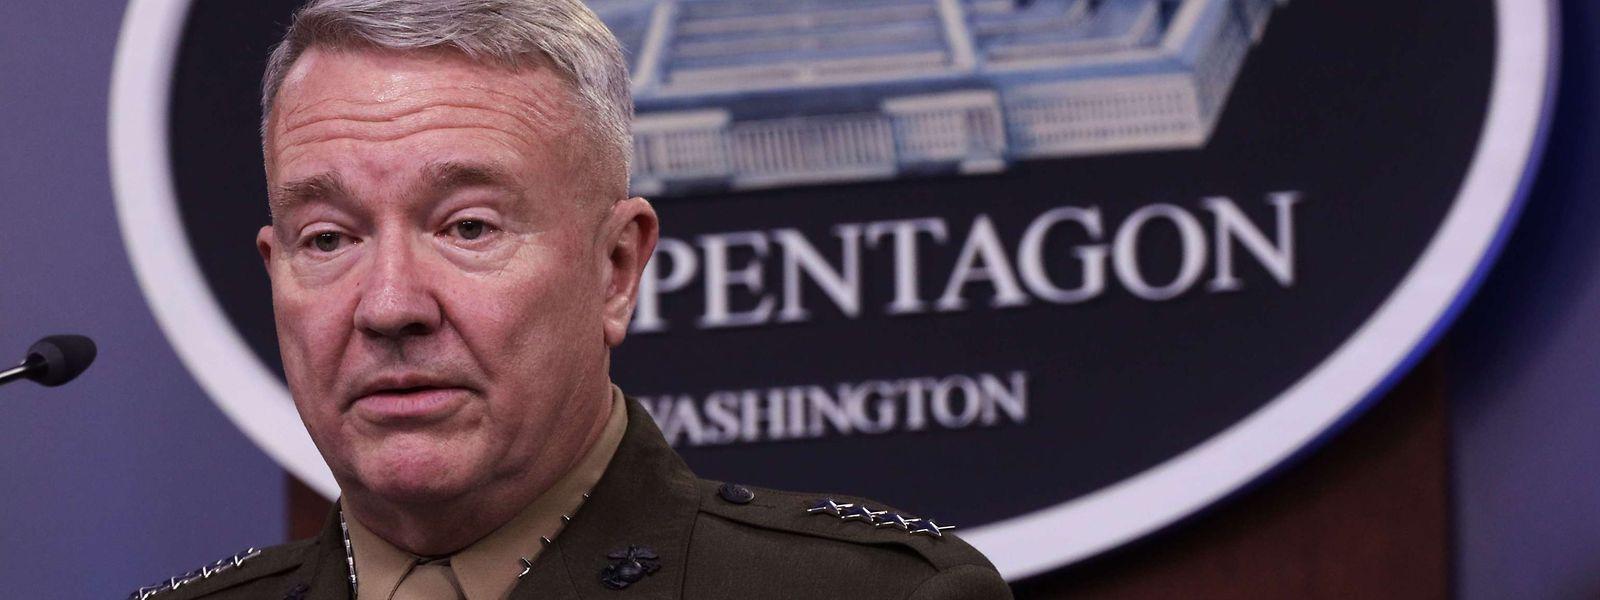 Le chef du commandement central américain est venu expliquer les détails de l'opération contre le leader islamiste.